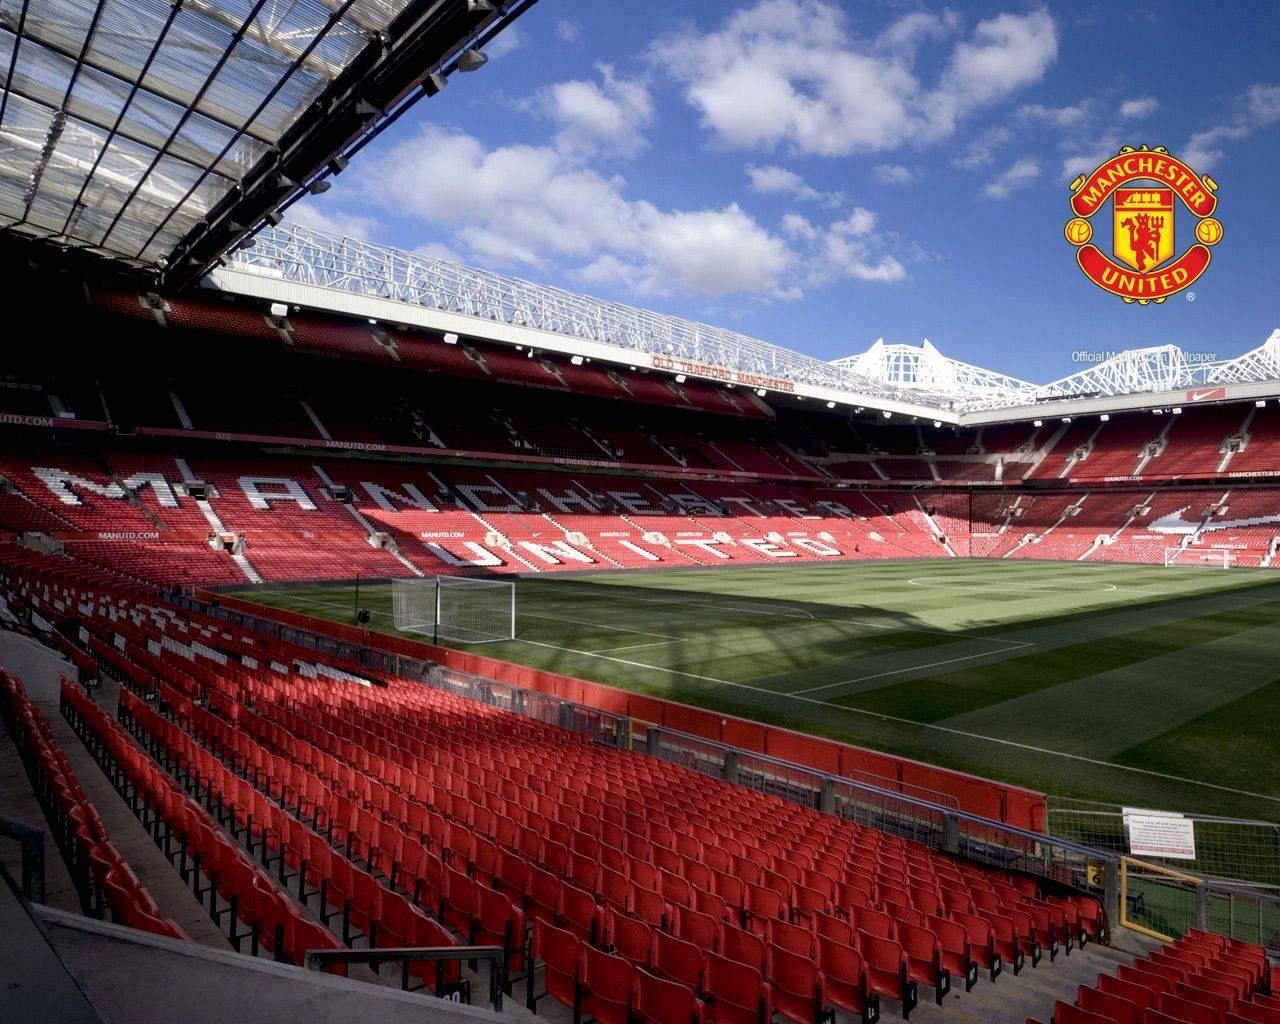 花式圈钱!曼联或出售主场冠名权 每年2600万镑